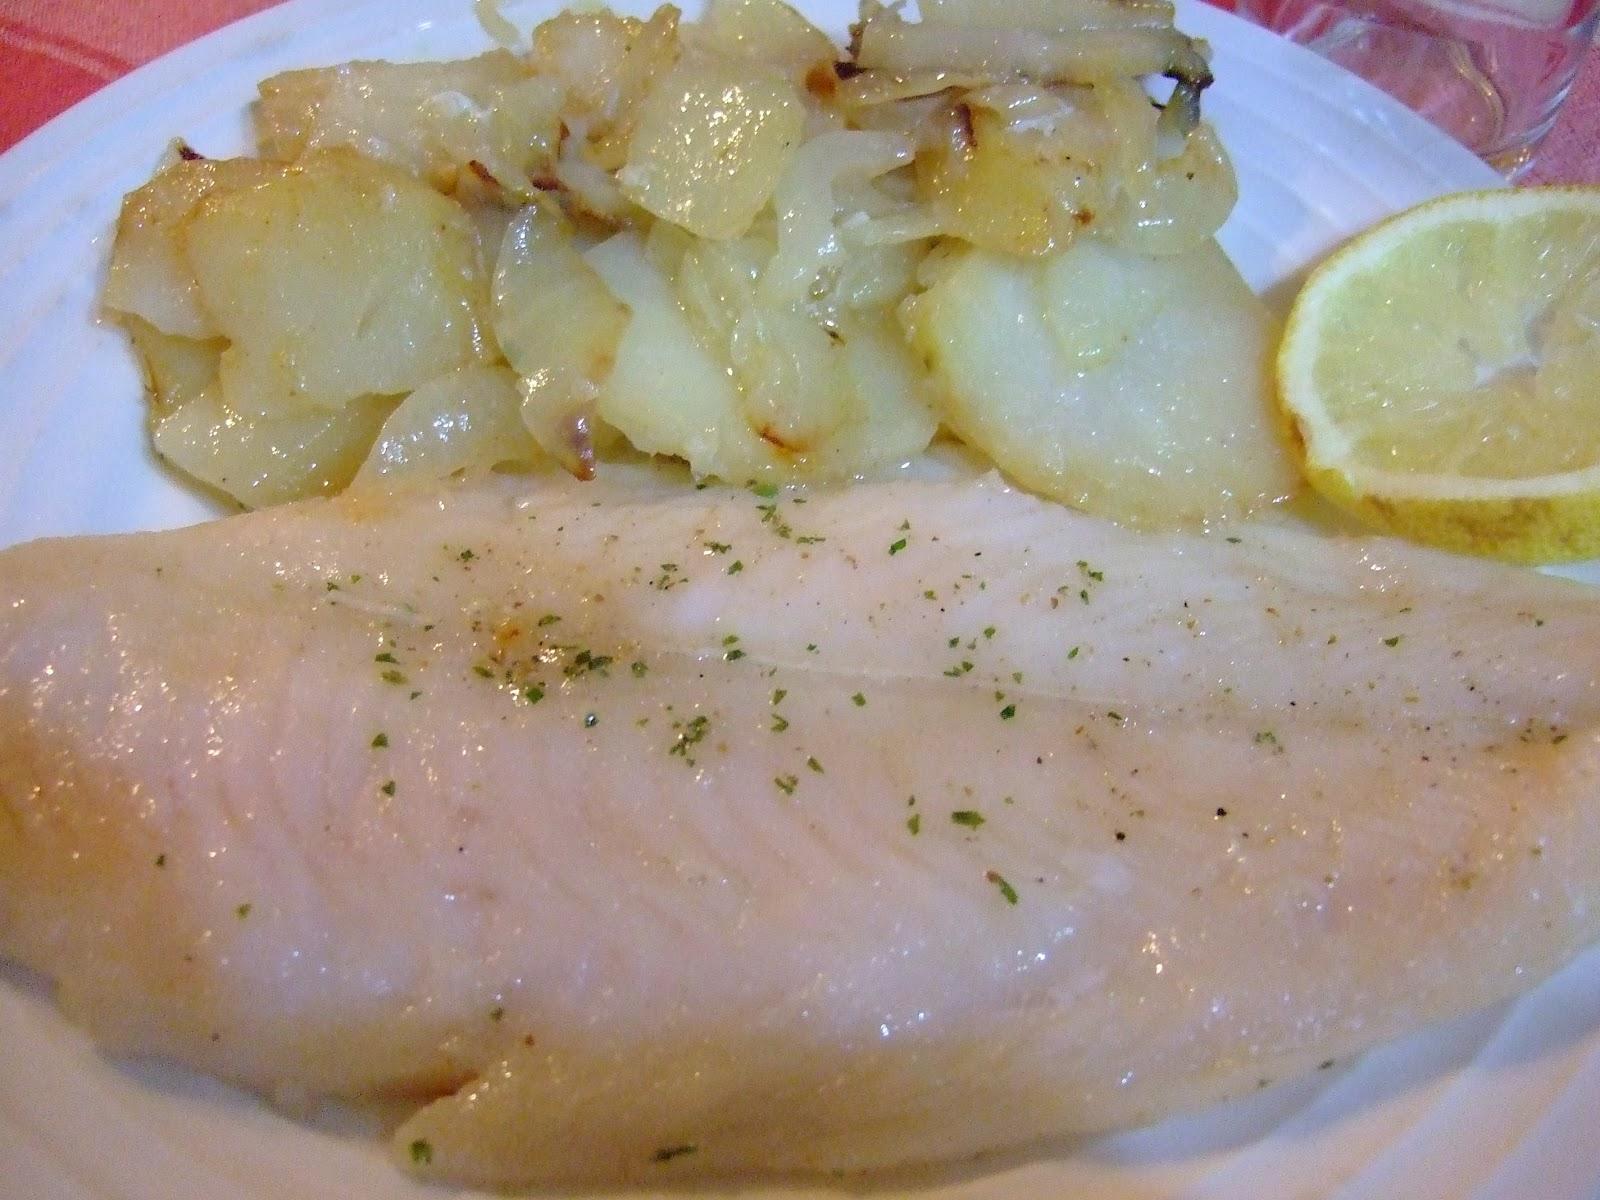 Pescado al vapor con verduras utilizando thermomix cocina f cil y barata - Cocina facil y saludable thermomix ...